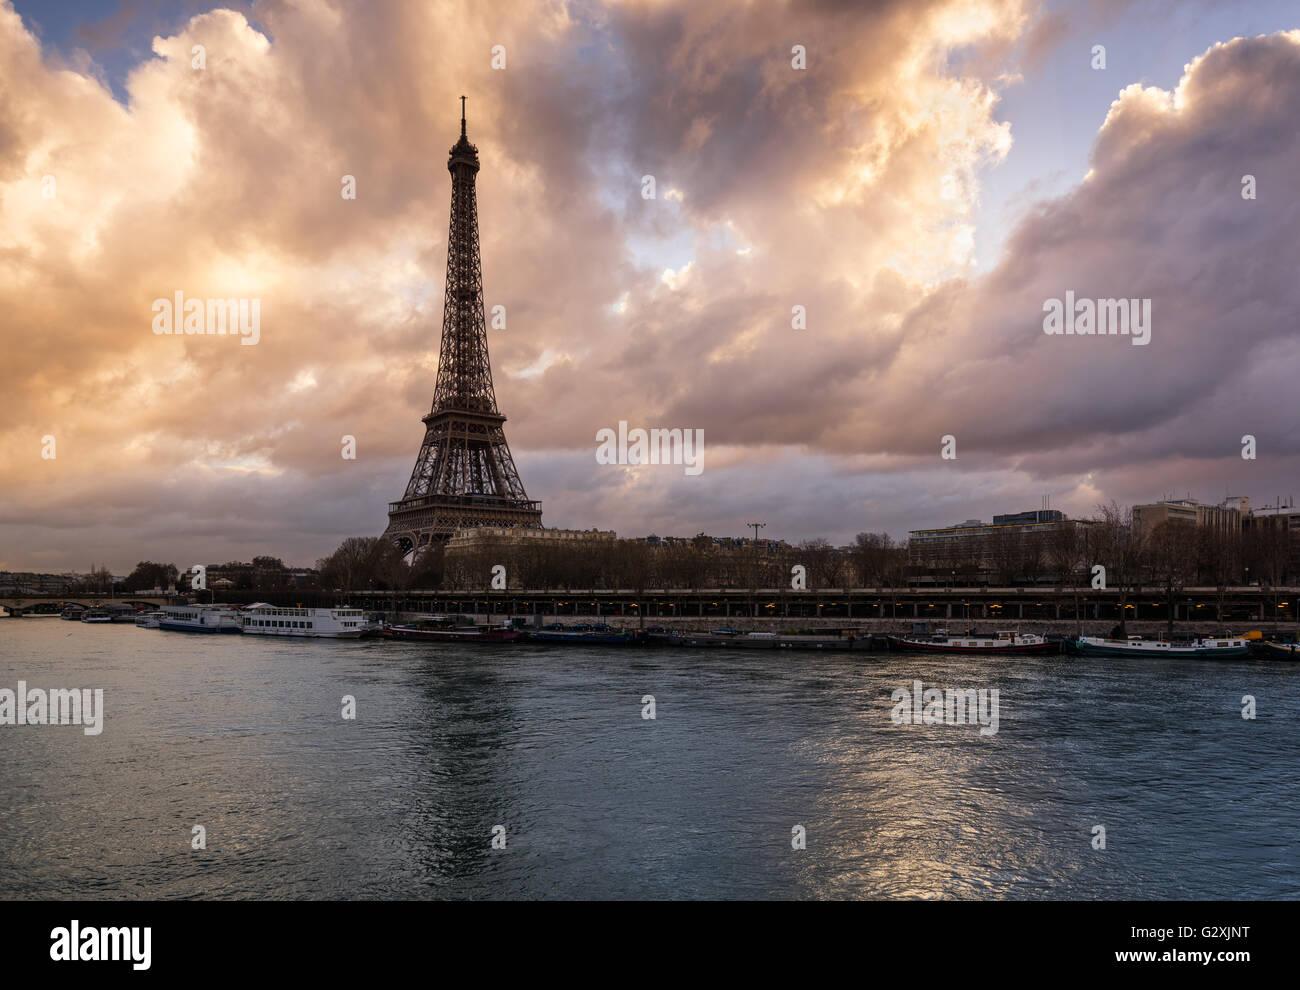 Les nuages lumineux de la Tour Eiffel et de la Seine au lever du soleil. Port de Suffren, Paris, France Photo Stock